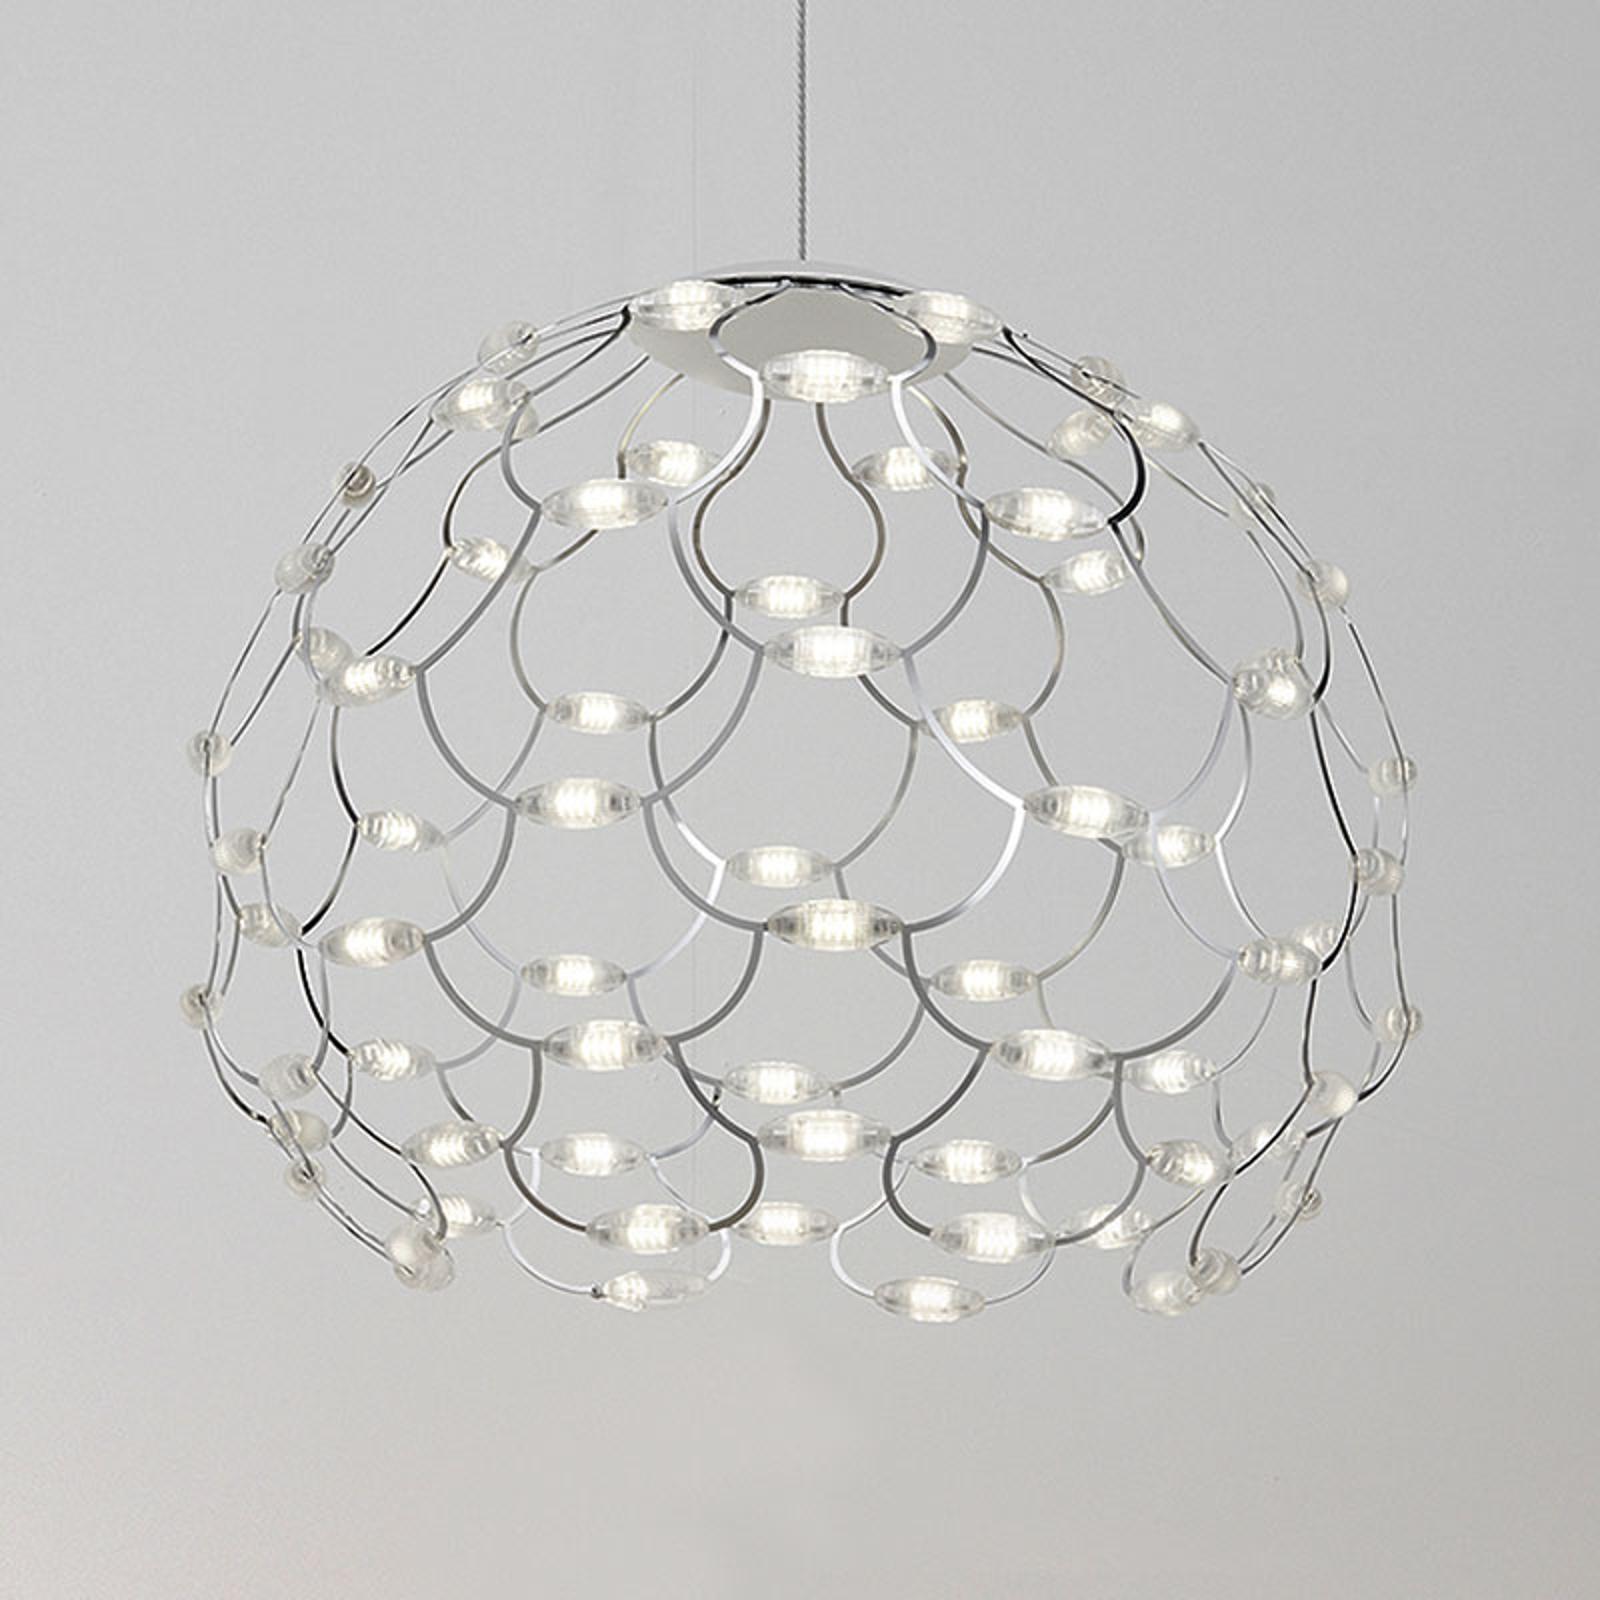 Afdekkings-kit v. hanglamp Lamoi 60 cm